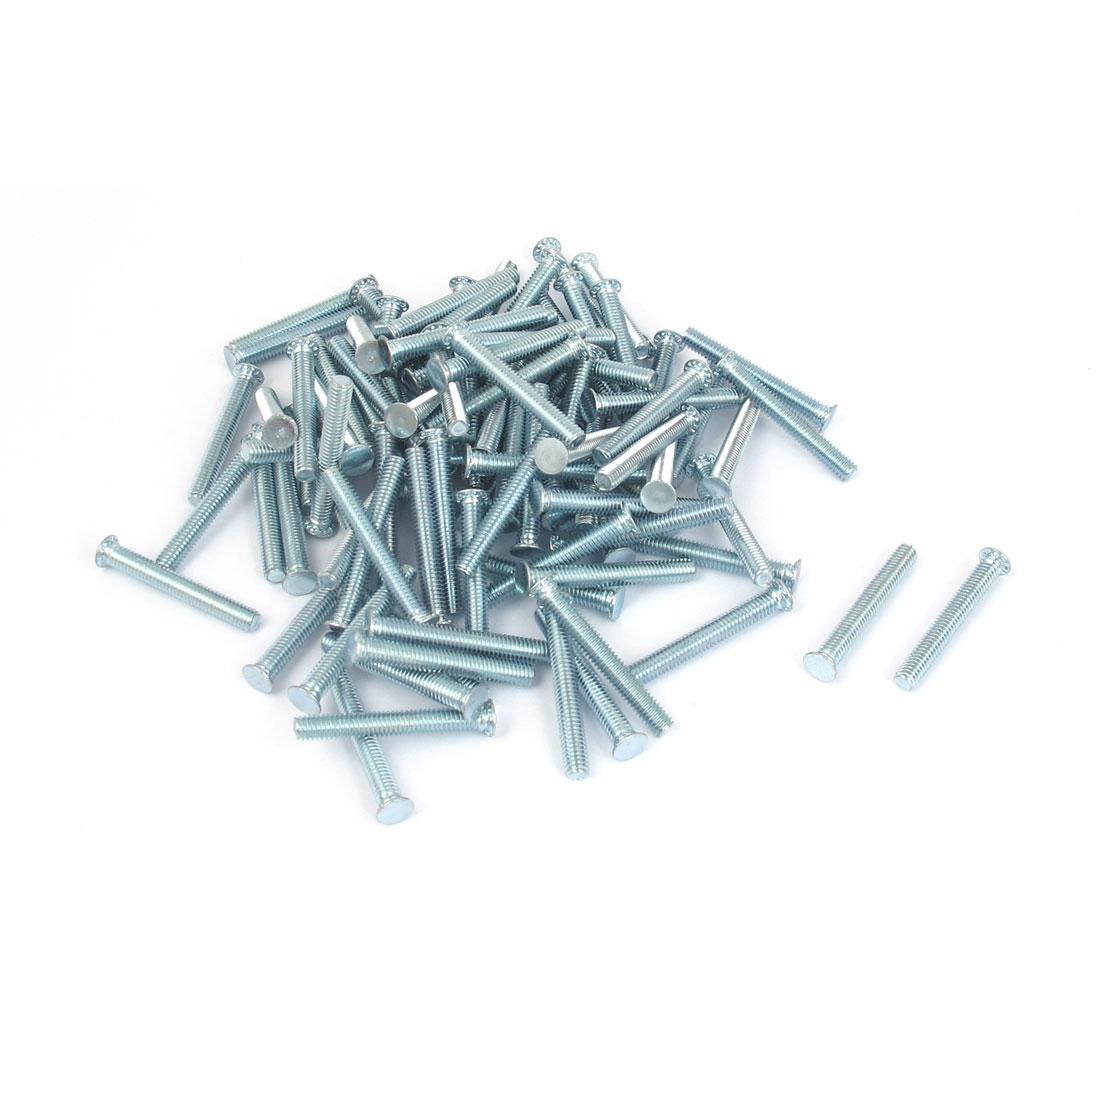 M4x30mm Zinc Plated Flush Head Self Clinching Threaded Studs Fastener 100pcs